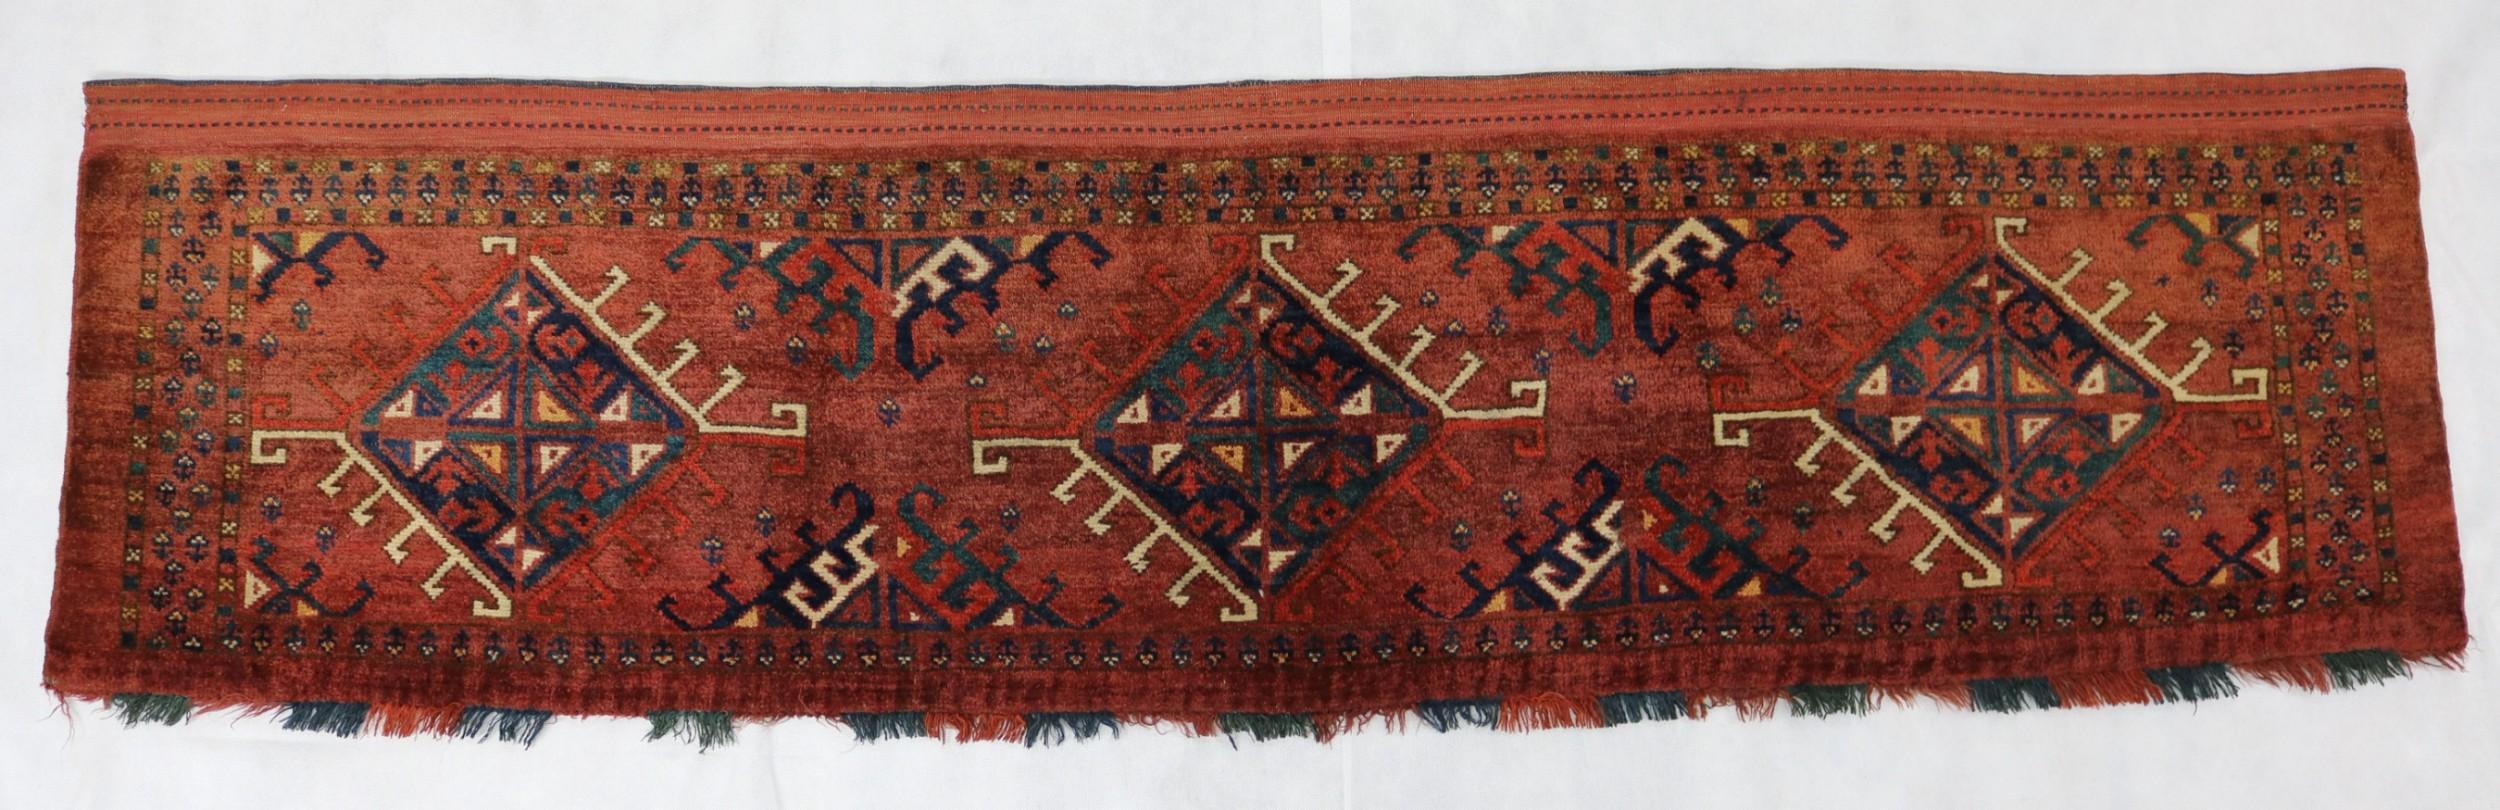 antique turkmen ersari torba rug 53x198 cm